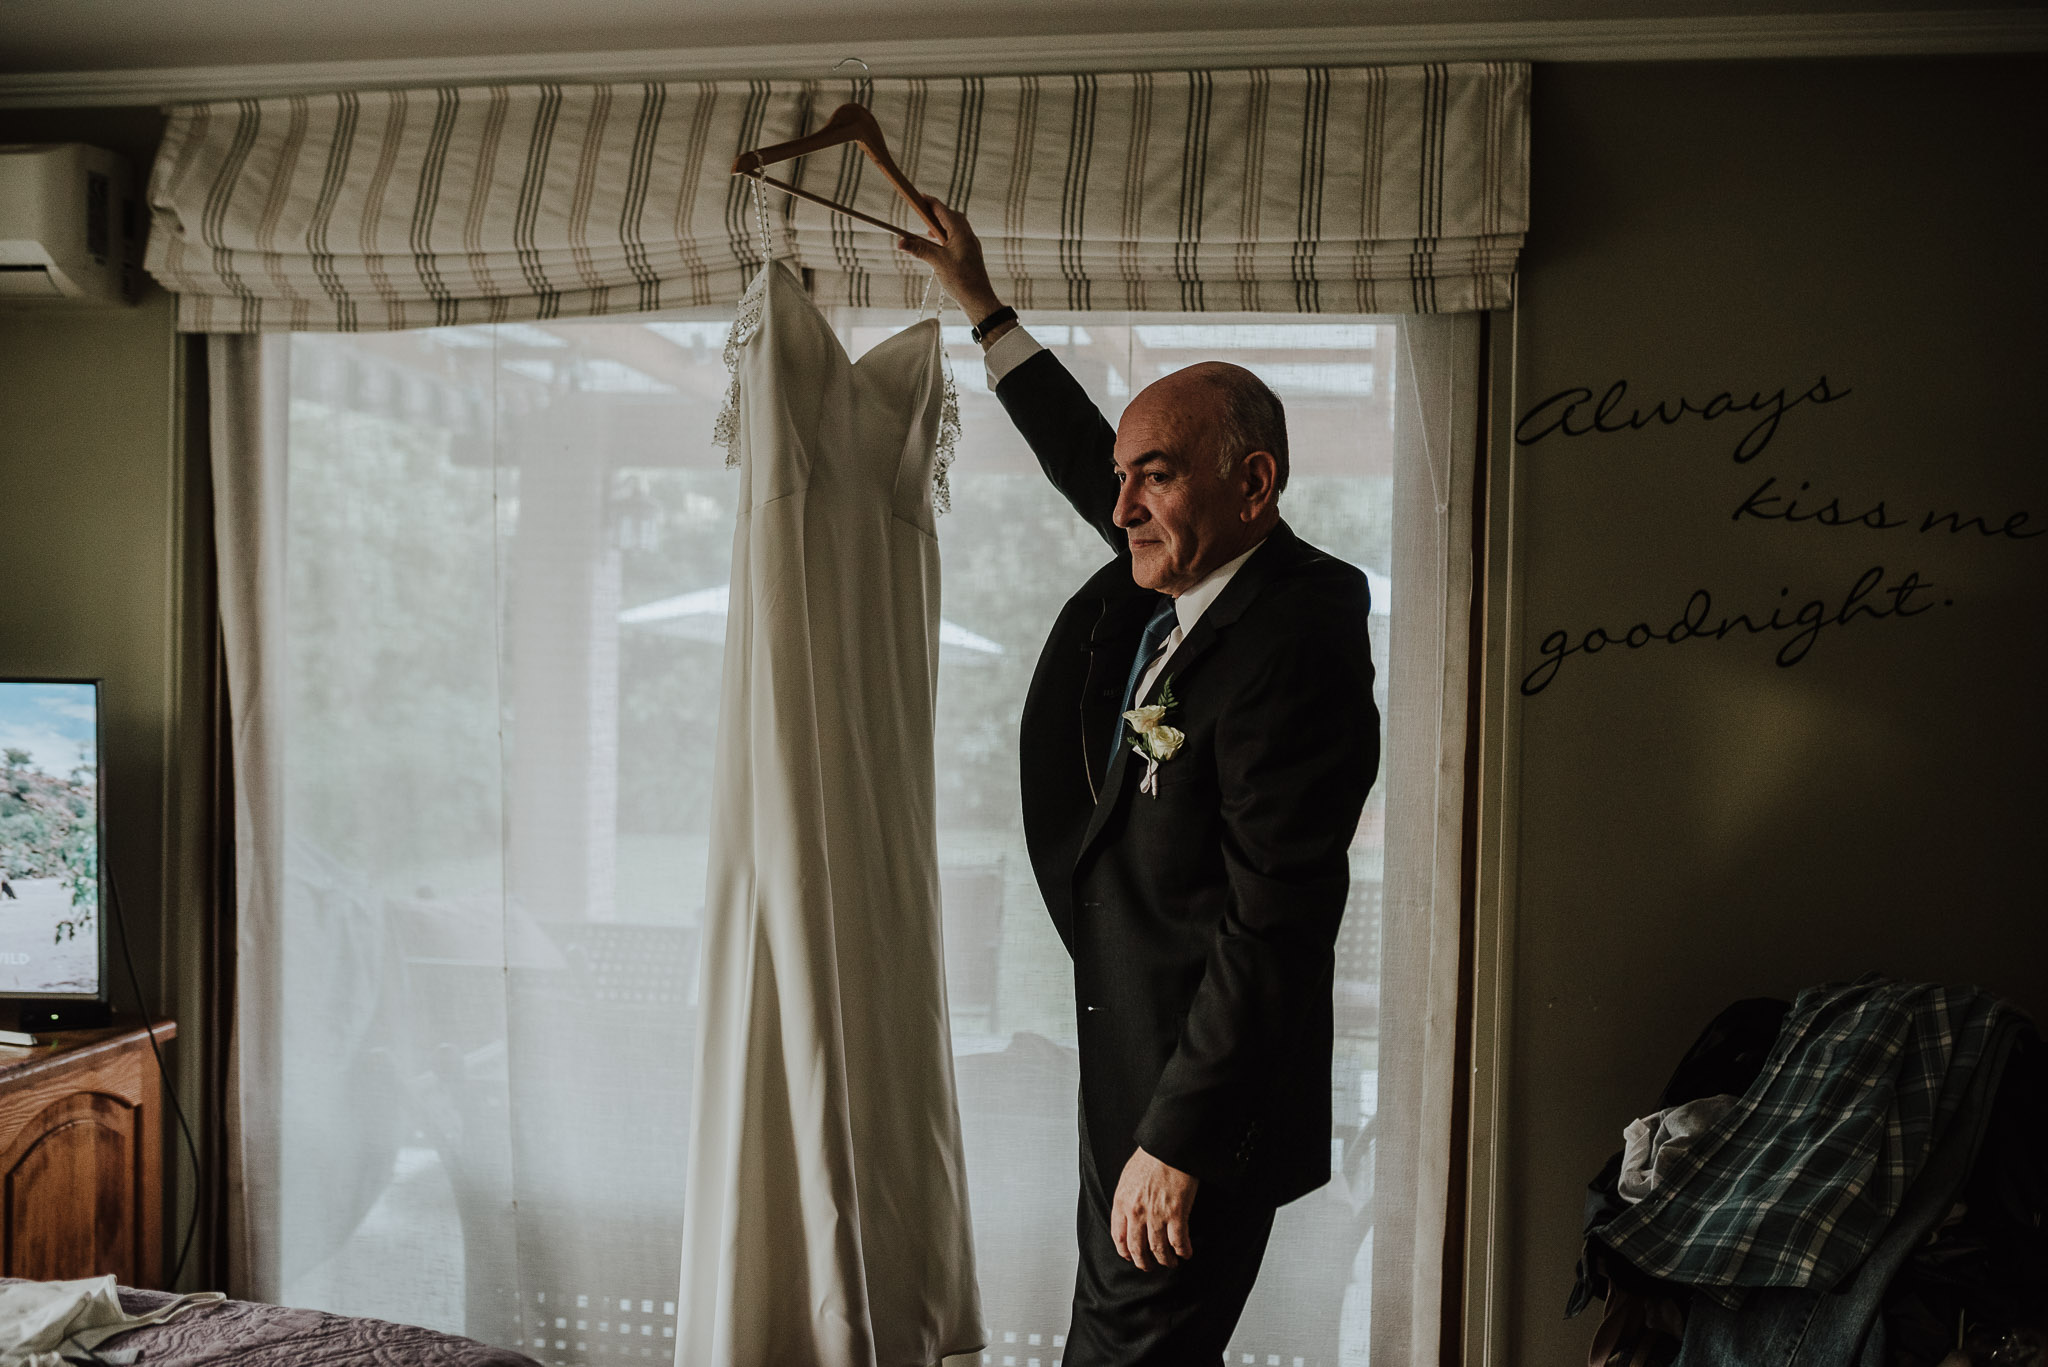 fotografo de matrimonios-preparativos novia-novia-vestido novia